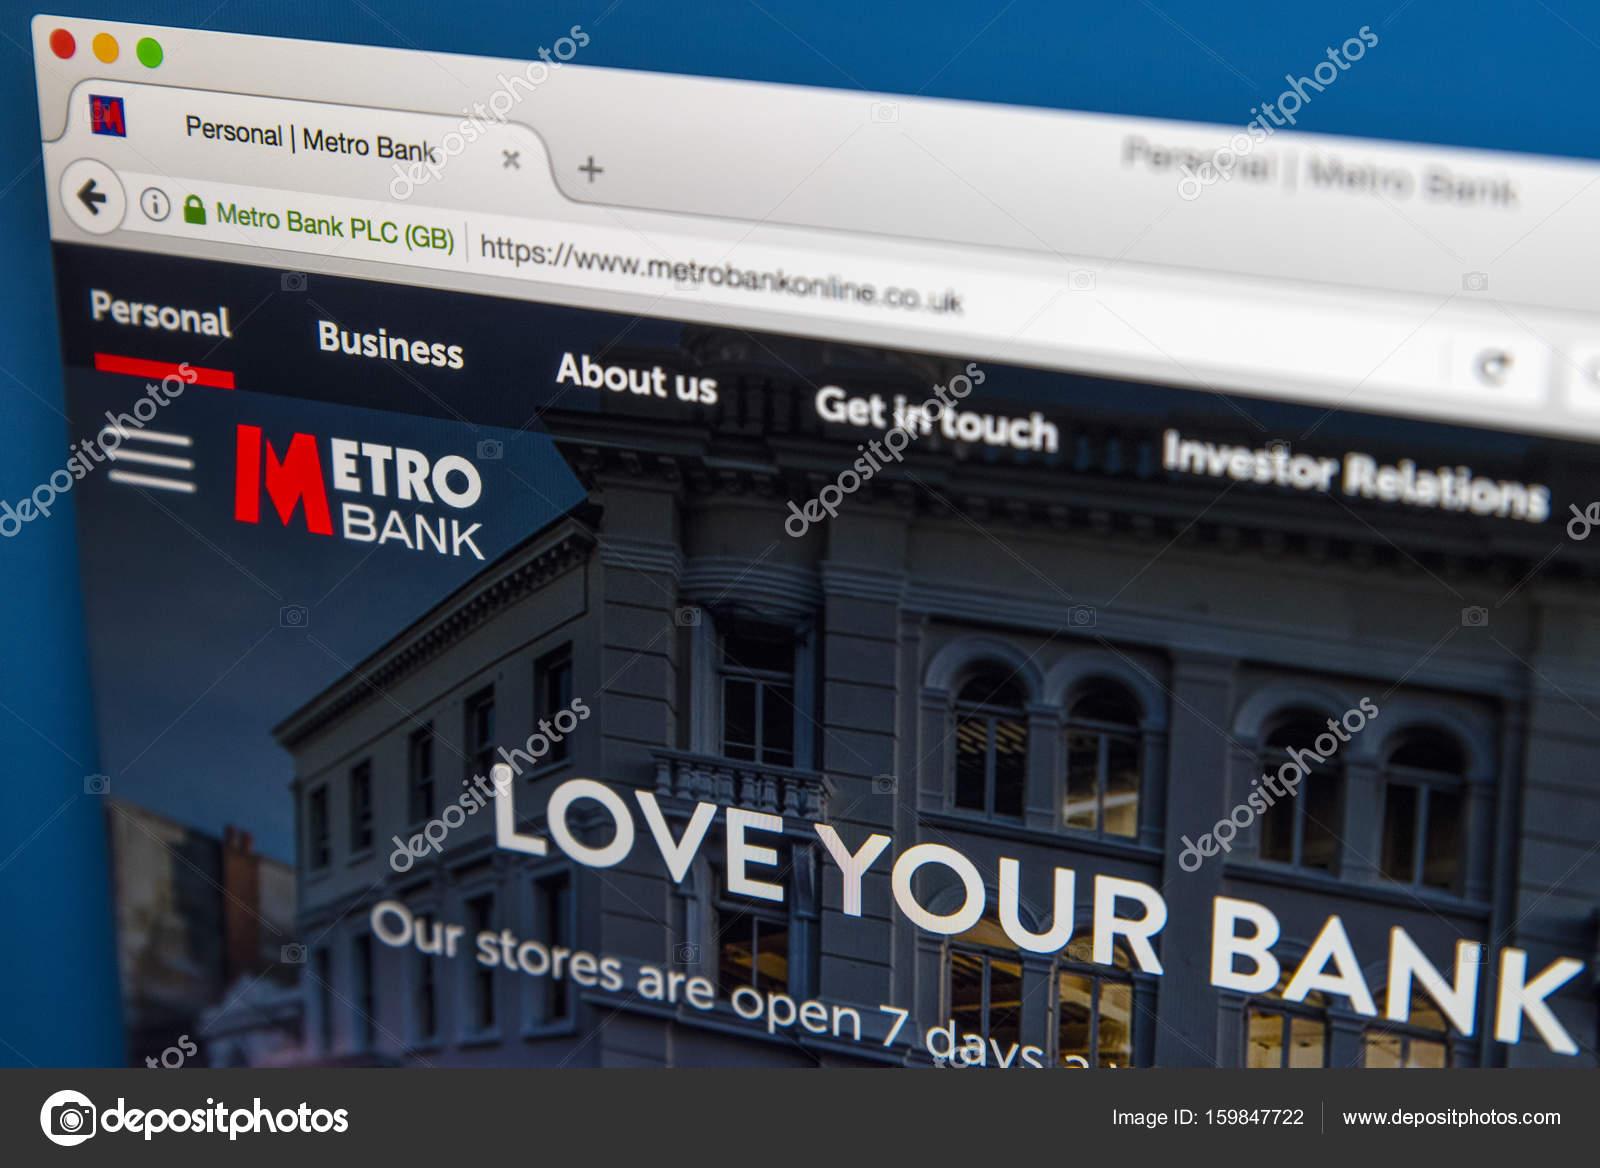 Метробанк официальный сайт